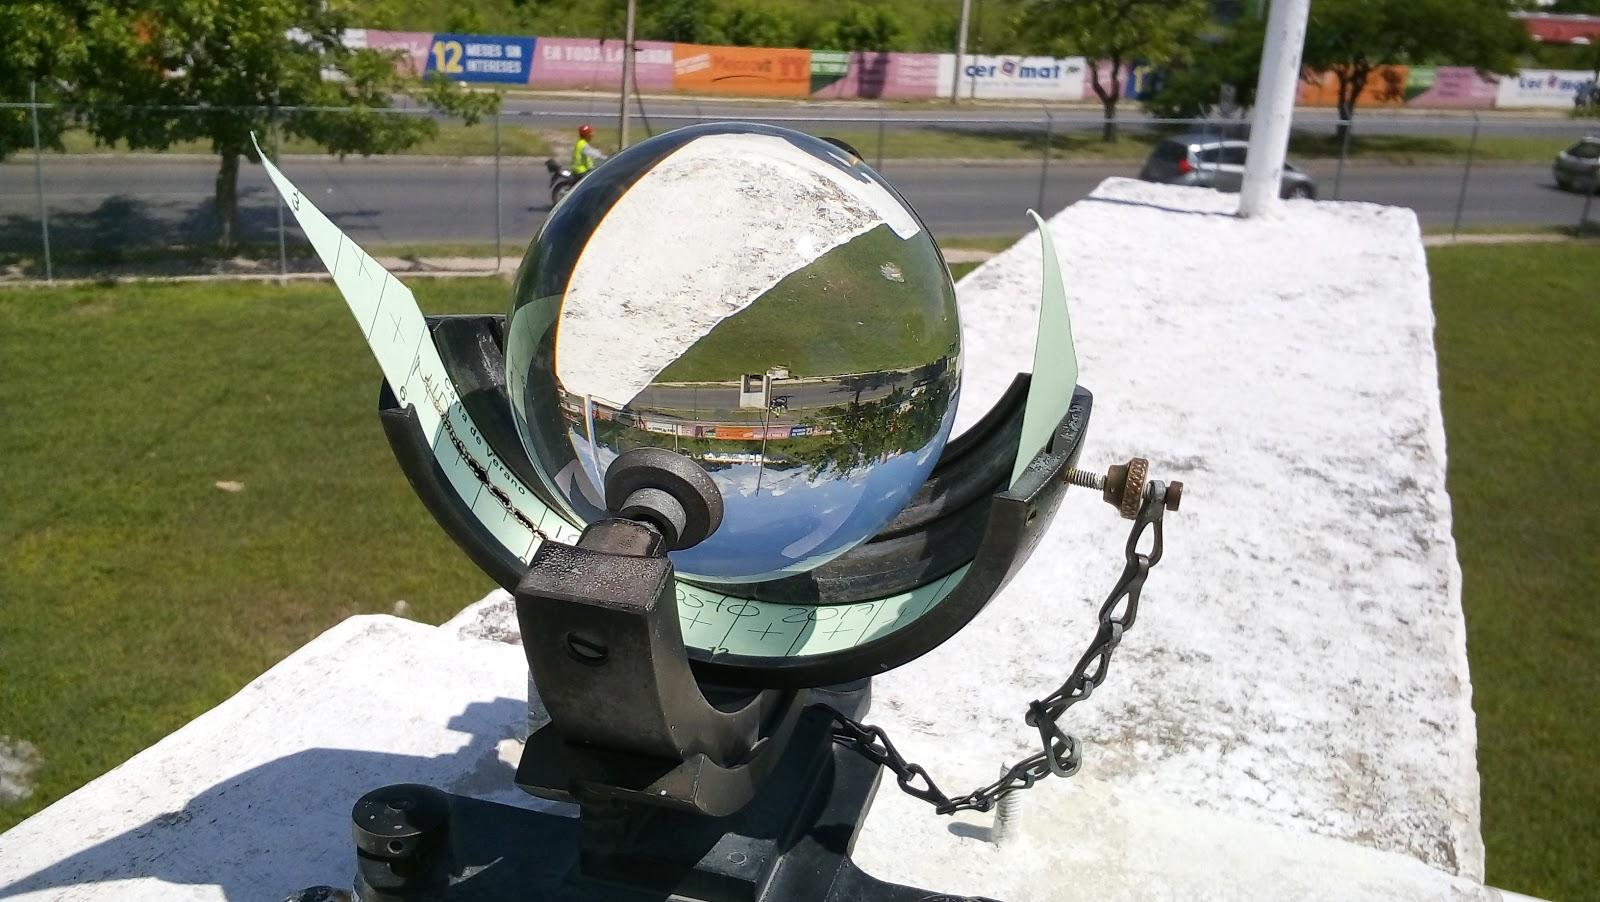 El heliógrafo es un instrumento que mide la cantidad de horas-sol. La foto es del Observatorio Meteorológico de Mérida, en el aeropuerto. (Foto: Eduardo Vargas/LECTORMX.com)